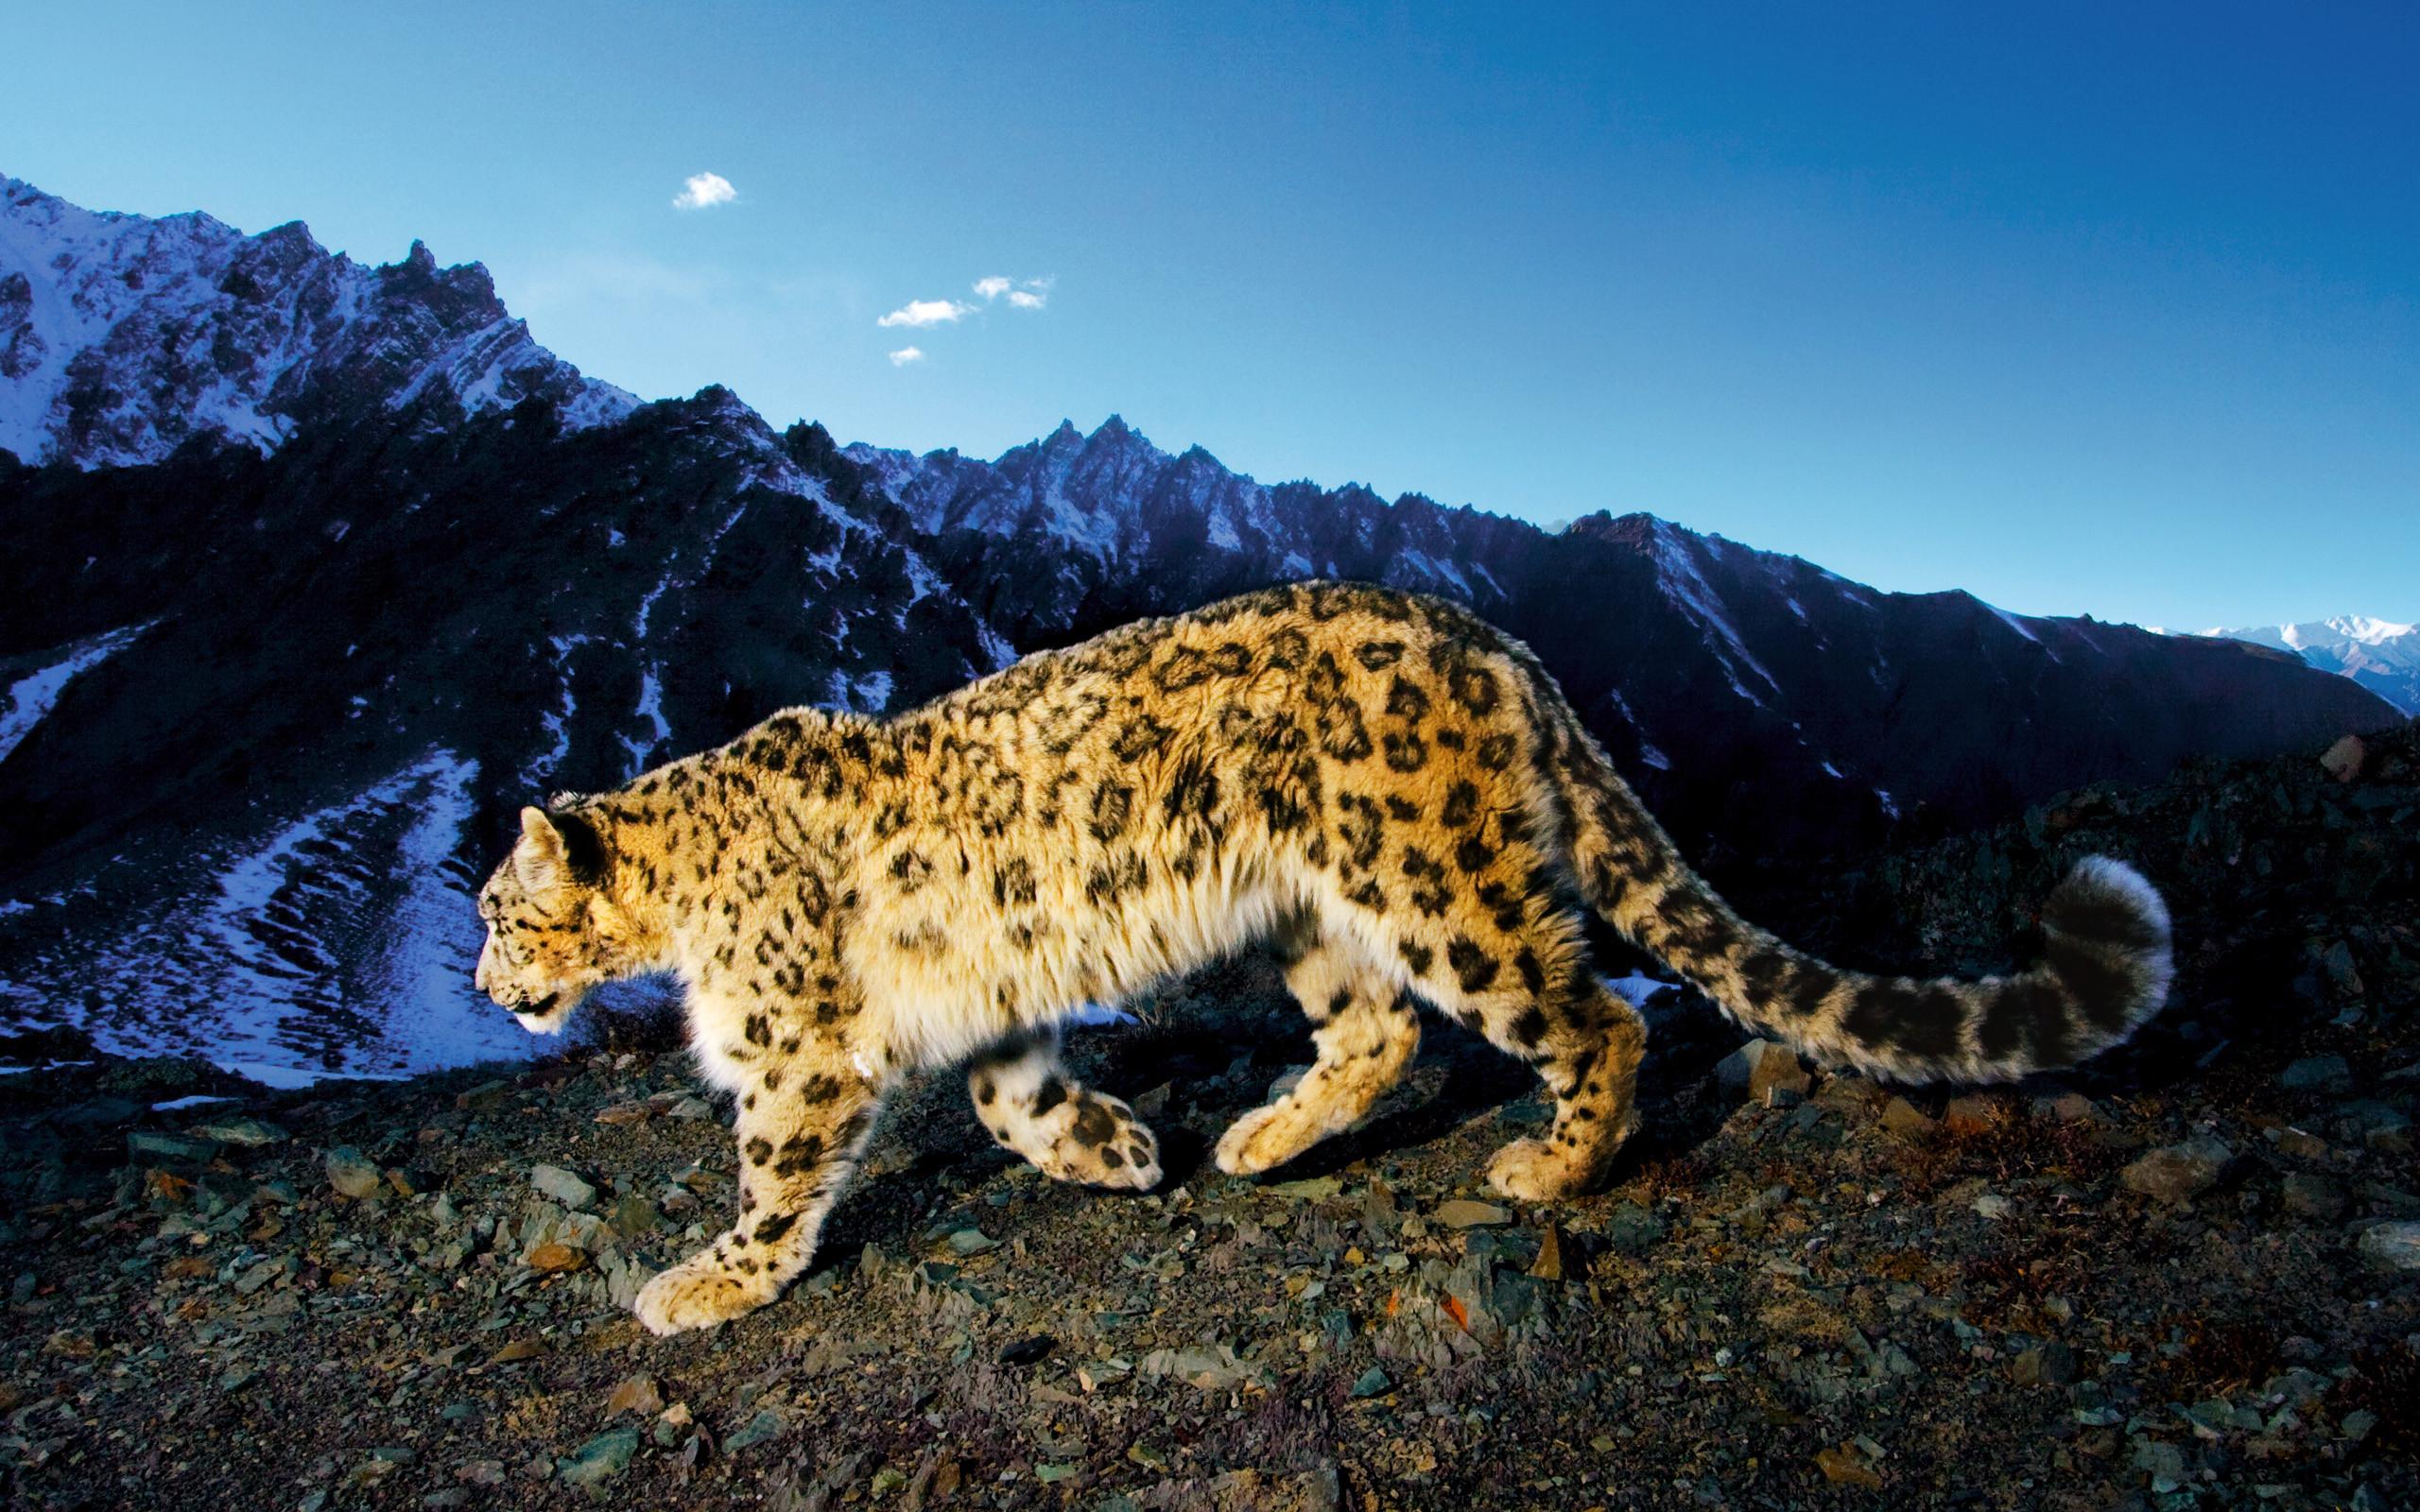 Snow-Leopard-Prowl-2em4vsn.jpg.  eJwLLi1ILfLOzEv3zs8vSOQKyE_OTi0JyKxIzSnW80st4QpGlQ9JTcxVcMsvKilKLS5WMOJyyiktKqoEiaQWl3AZmZpyGRpZcJkYcxkAALZQHdc~.png